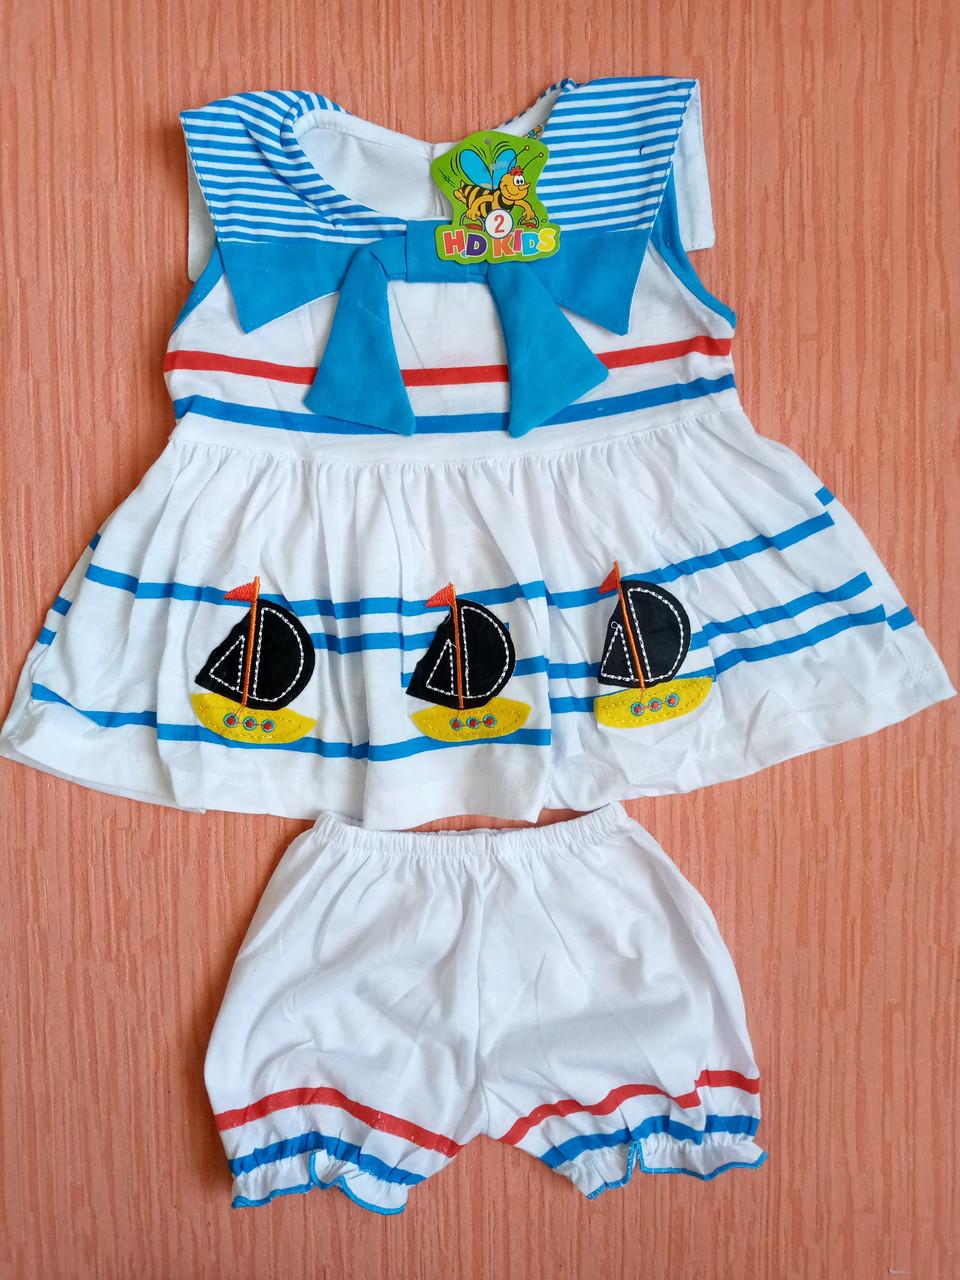 Дитячі костюми майка+шорти на дівчаток 1-5 років. Від 5шт по 32грн